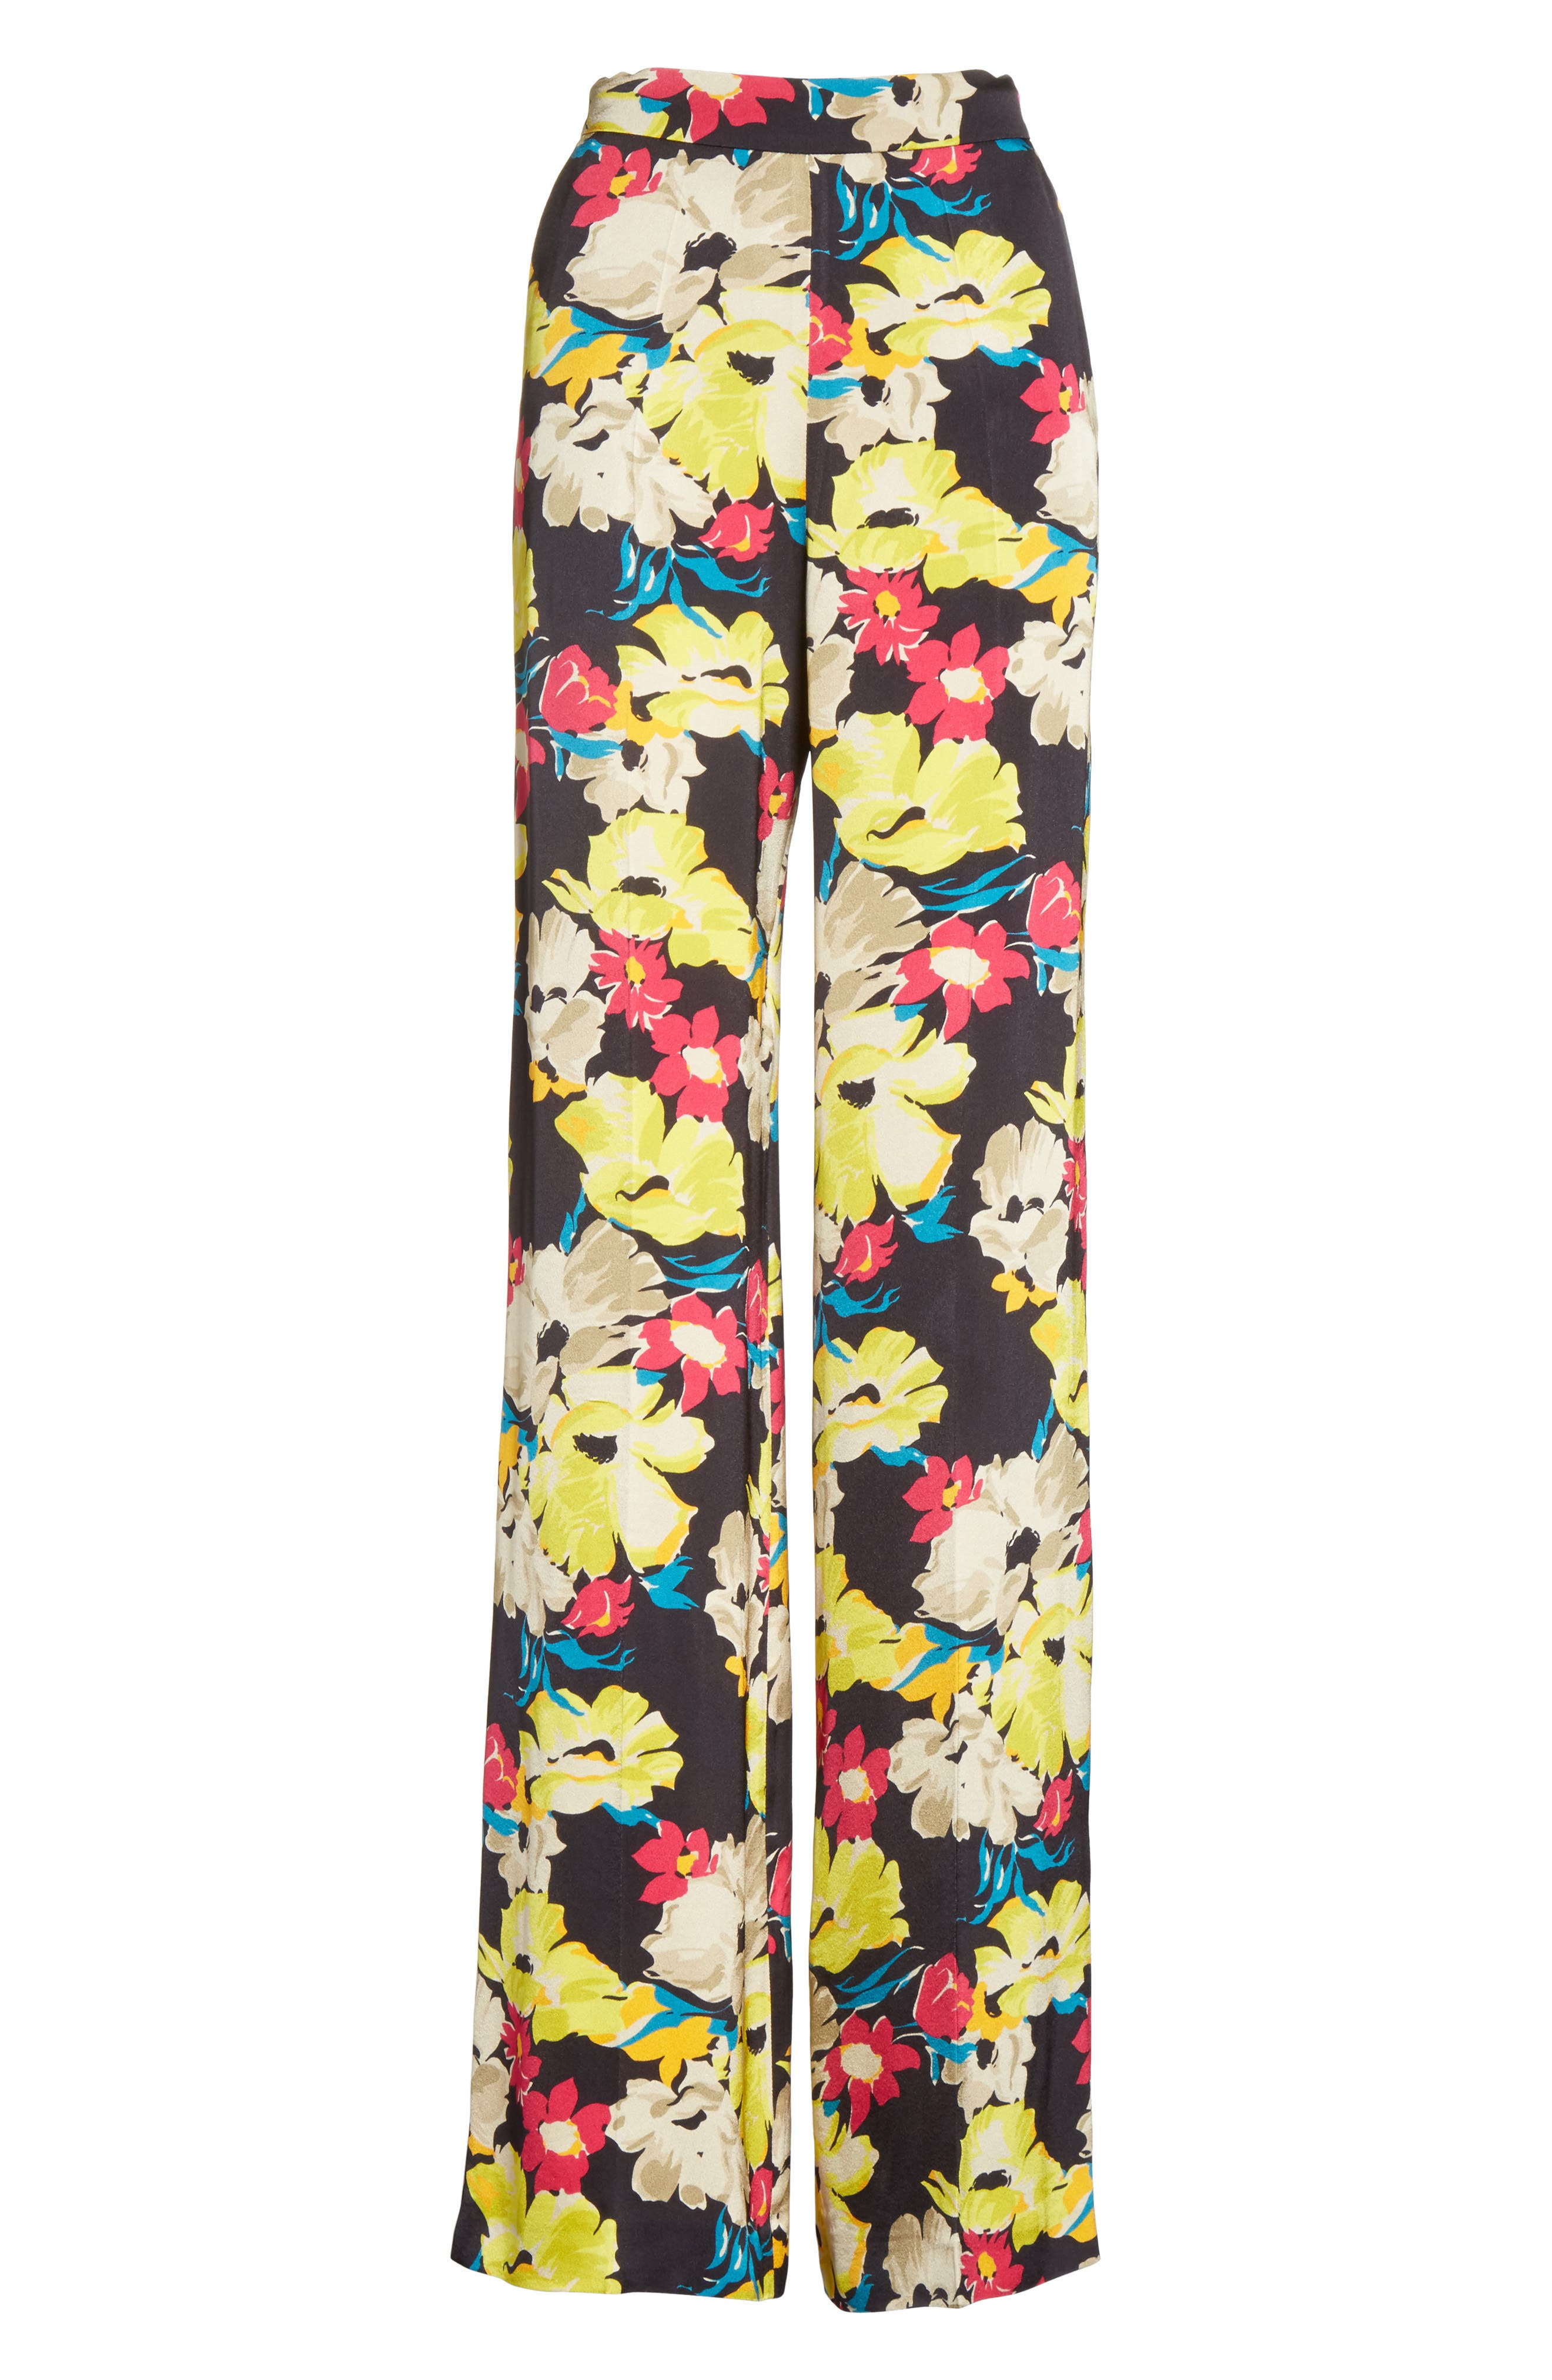 Floral Print Wide Leg Pants,                             Alternate thumbnail 6, color,                             001